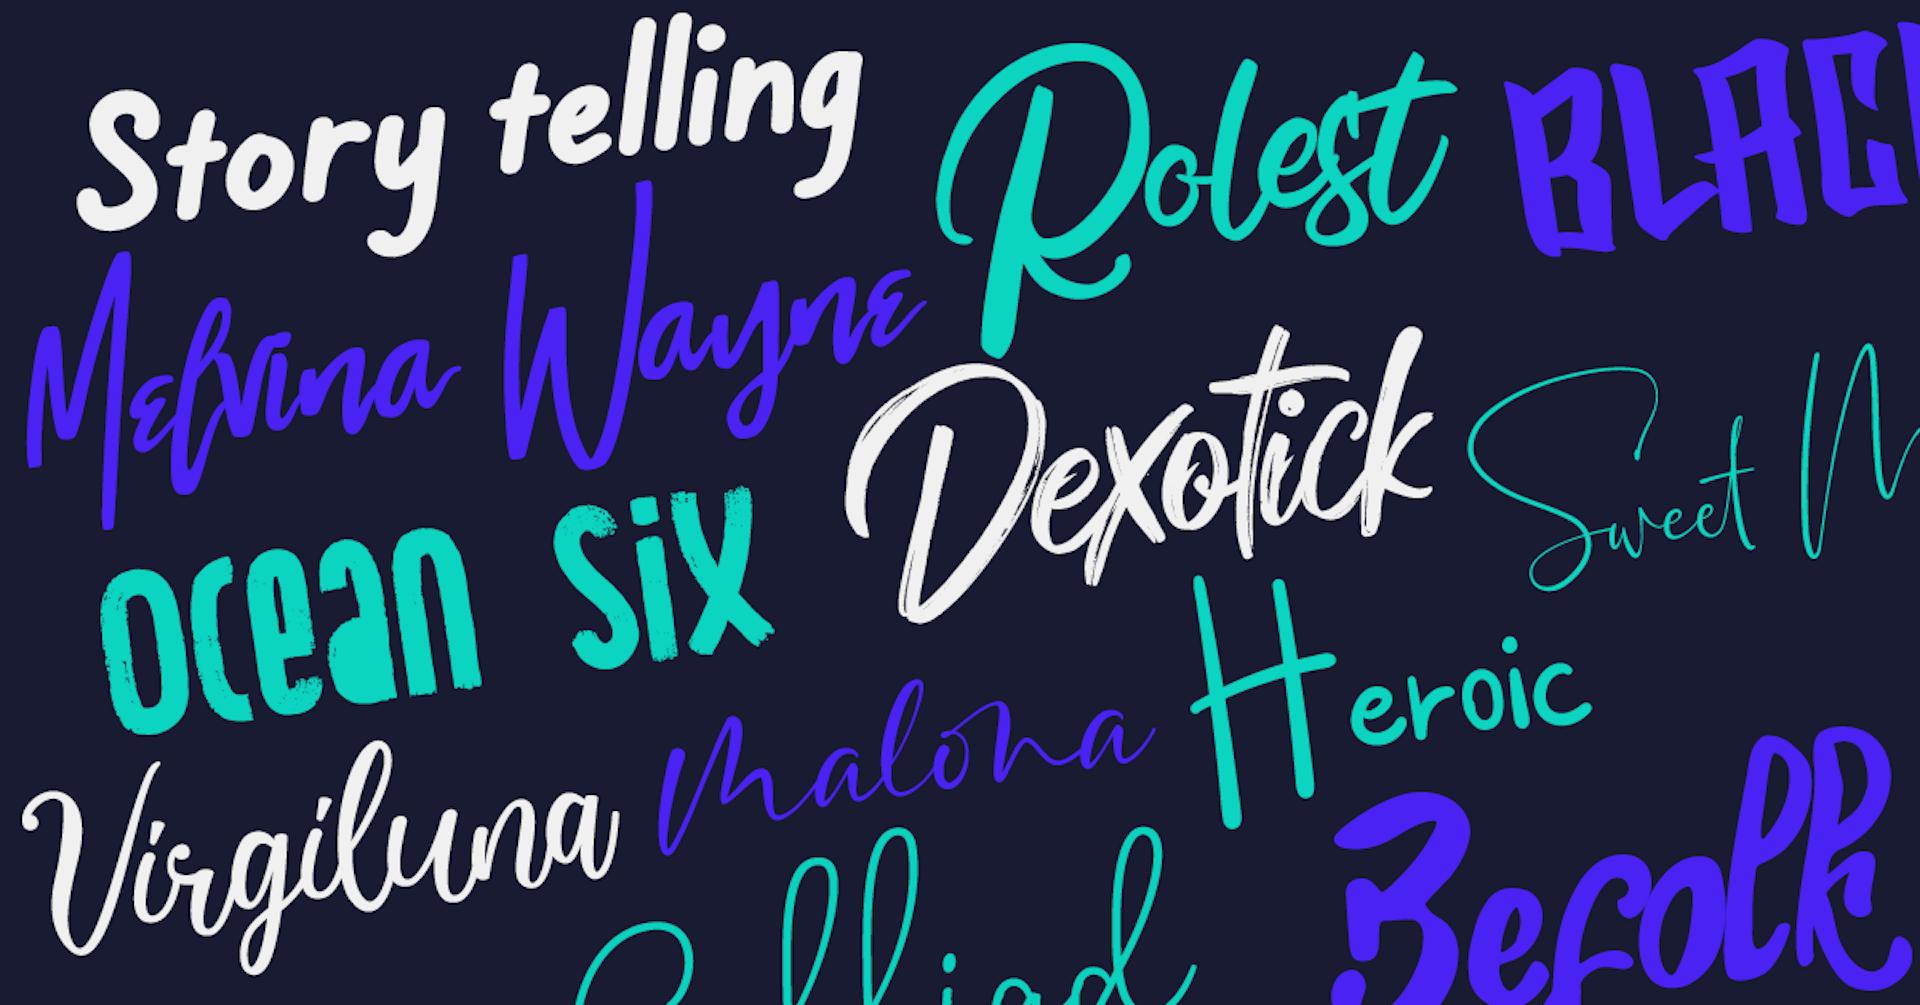 20 fuentes caligráficas gratis para los mejores diseños del 2021